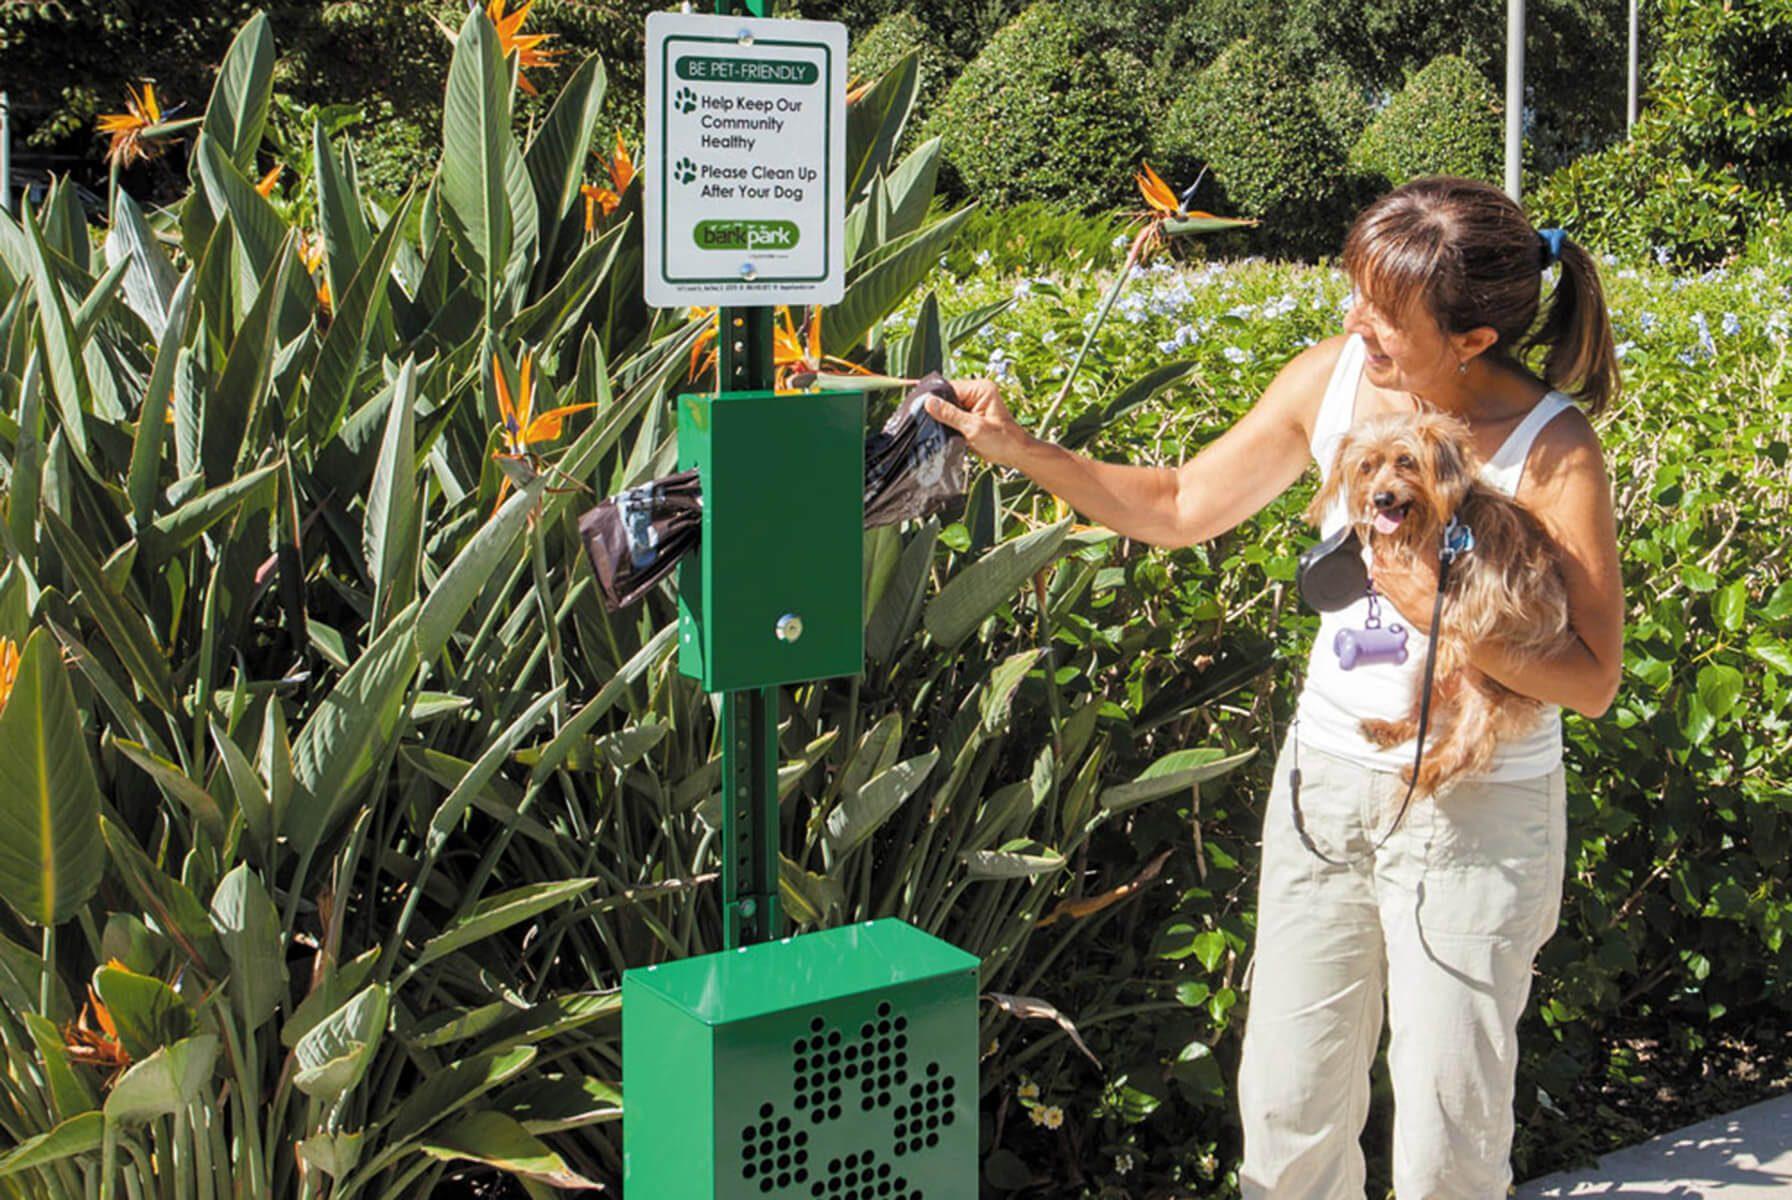 Dog-Park-Maintenance-Sanitation.jpg#asset:11892